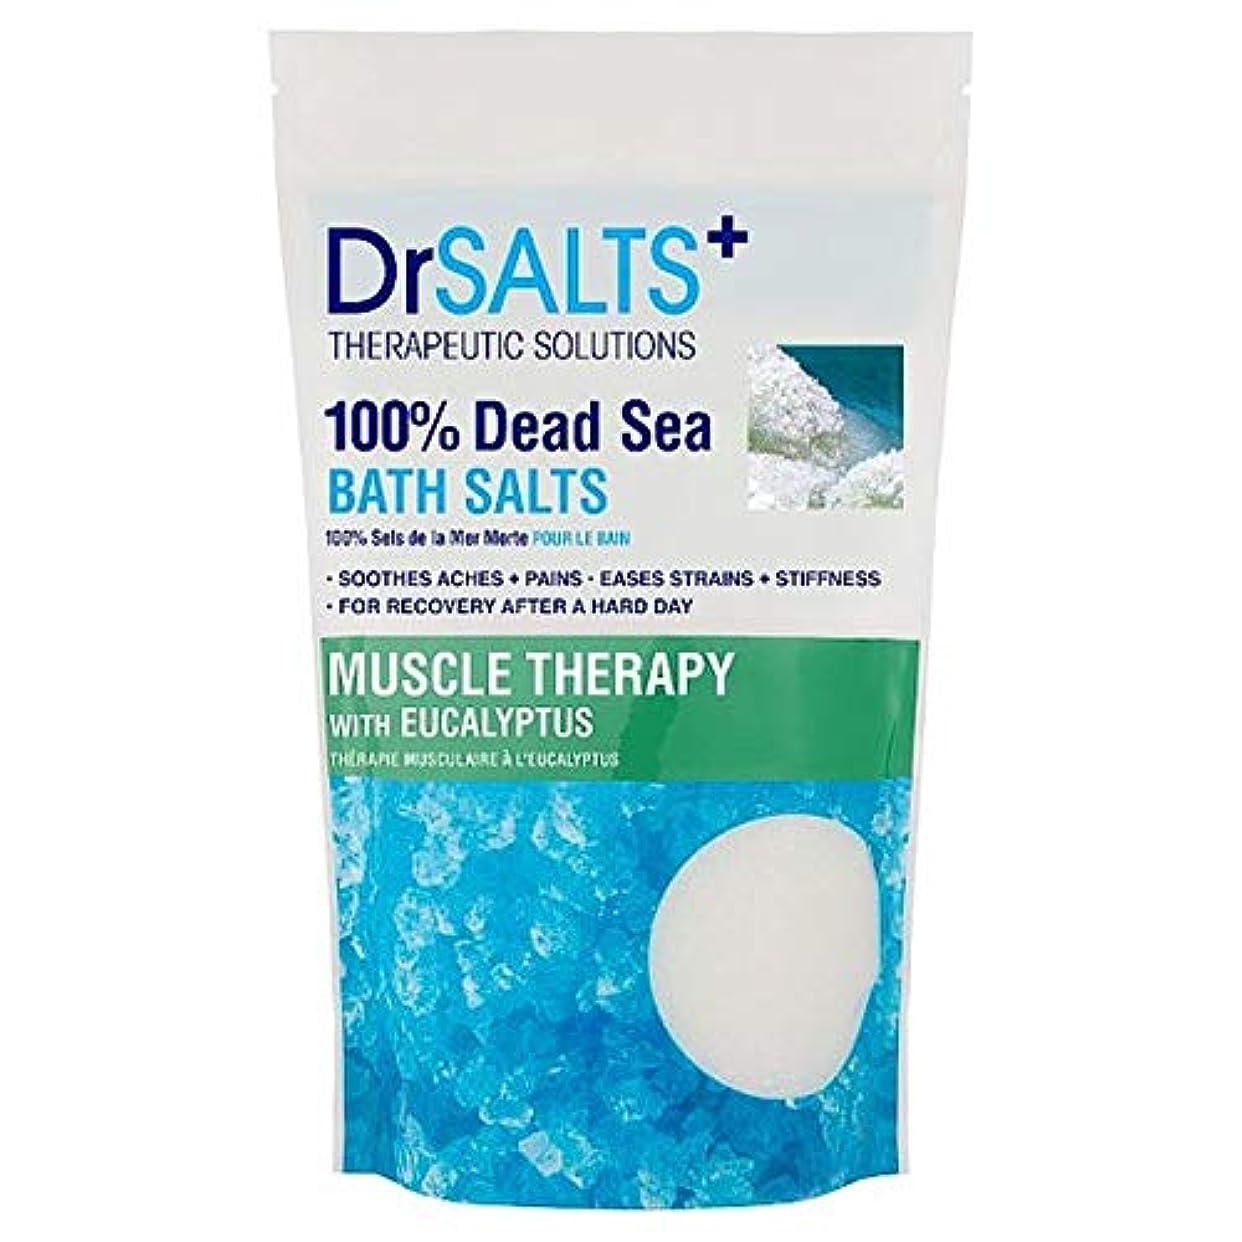 優雅な内部申し込む[Dummy] Dr塩筋療法入浴剤の1キロ - Dr Salts Muscle Therapy Bath Salts 1Kg [並行輸入品]